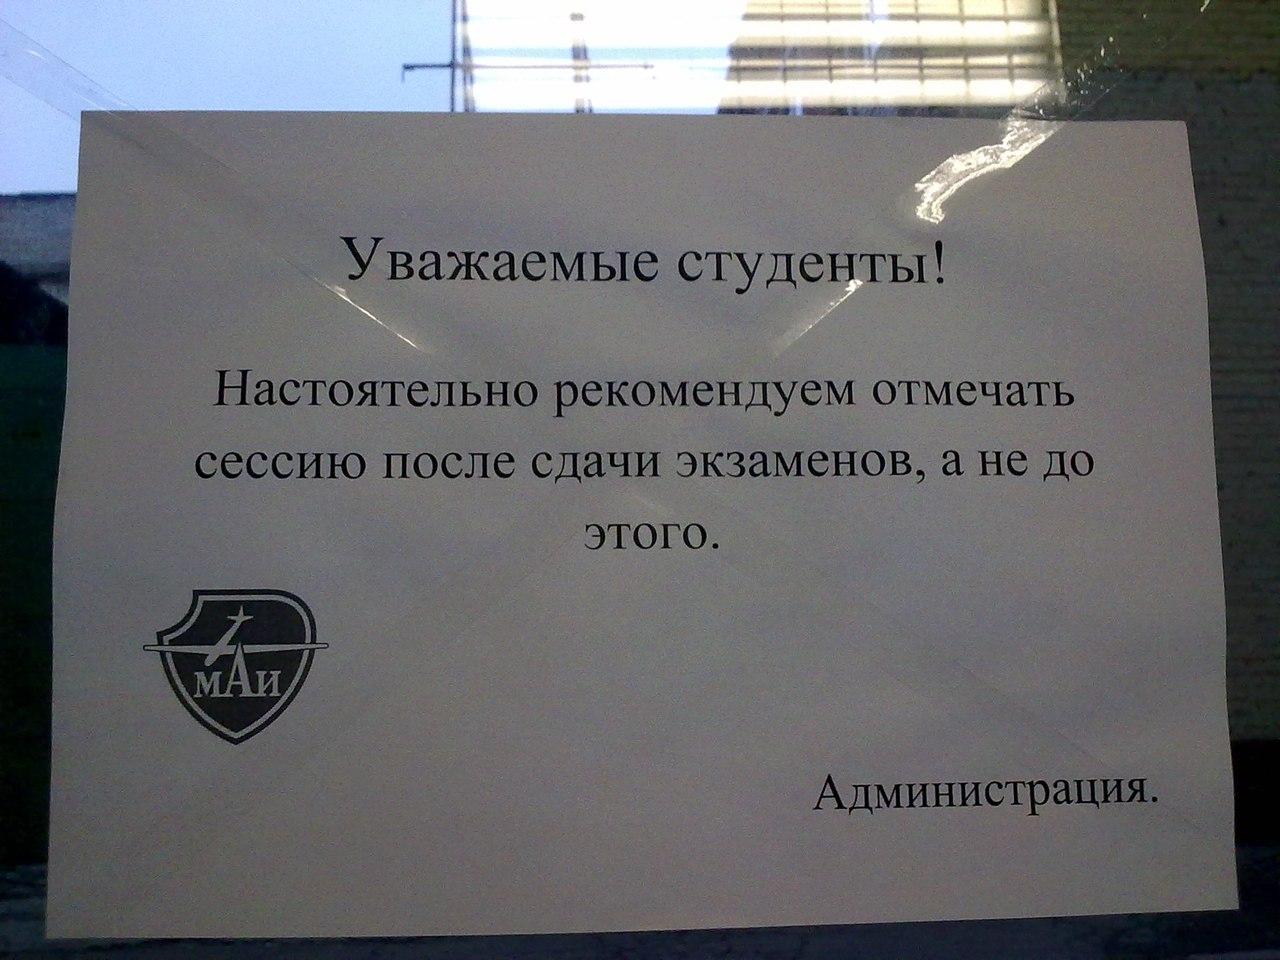 Русские студенты отмечают сдачу экзамена 4 фотография